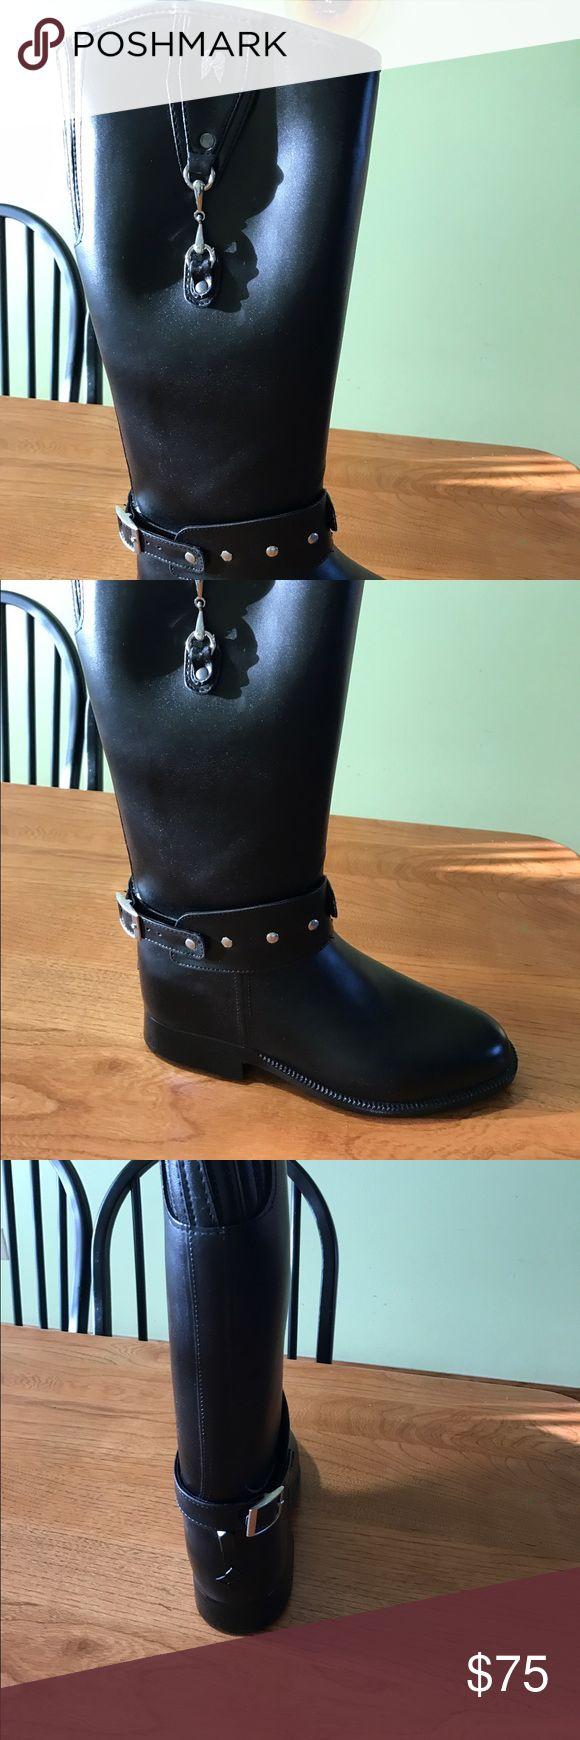 Dav weatherproof insulated boot Black, insulated, waterproof. Brand new. Dav  Shoes Winter & Rain Boots